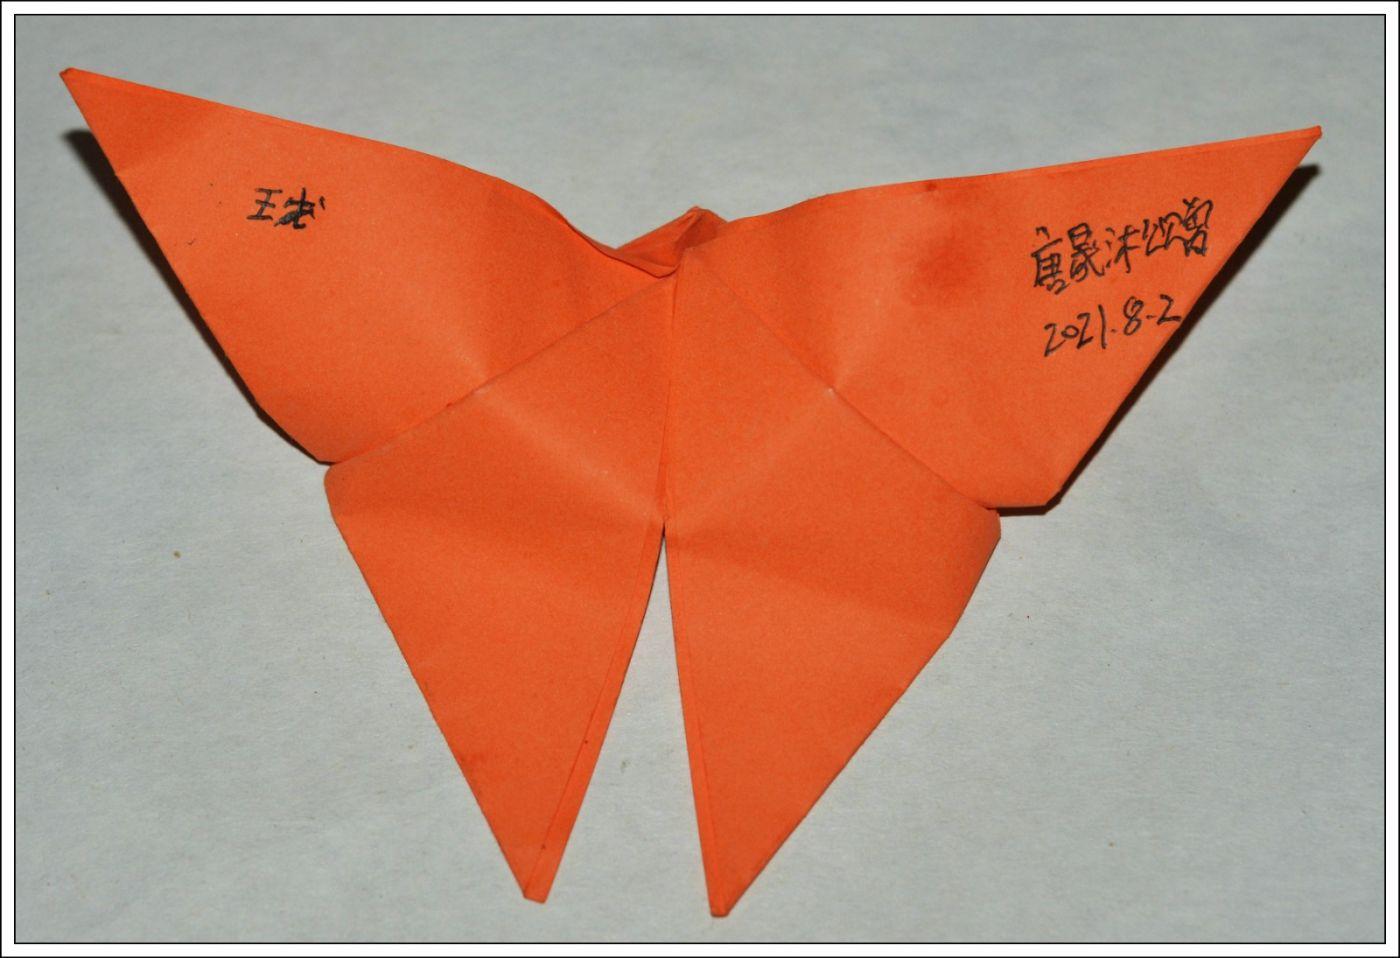 赞新学期孩子读二年级(七律)_图1-3